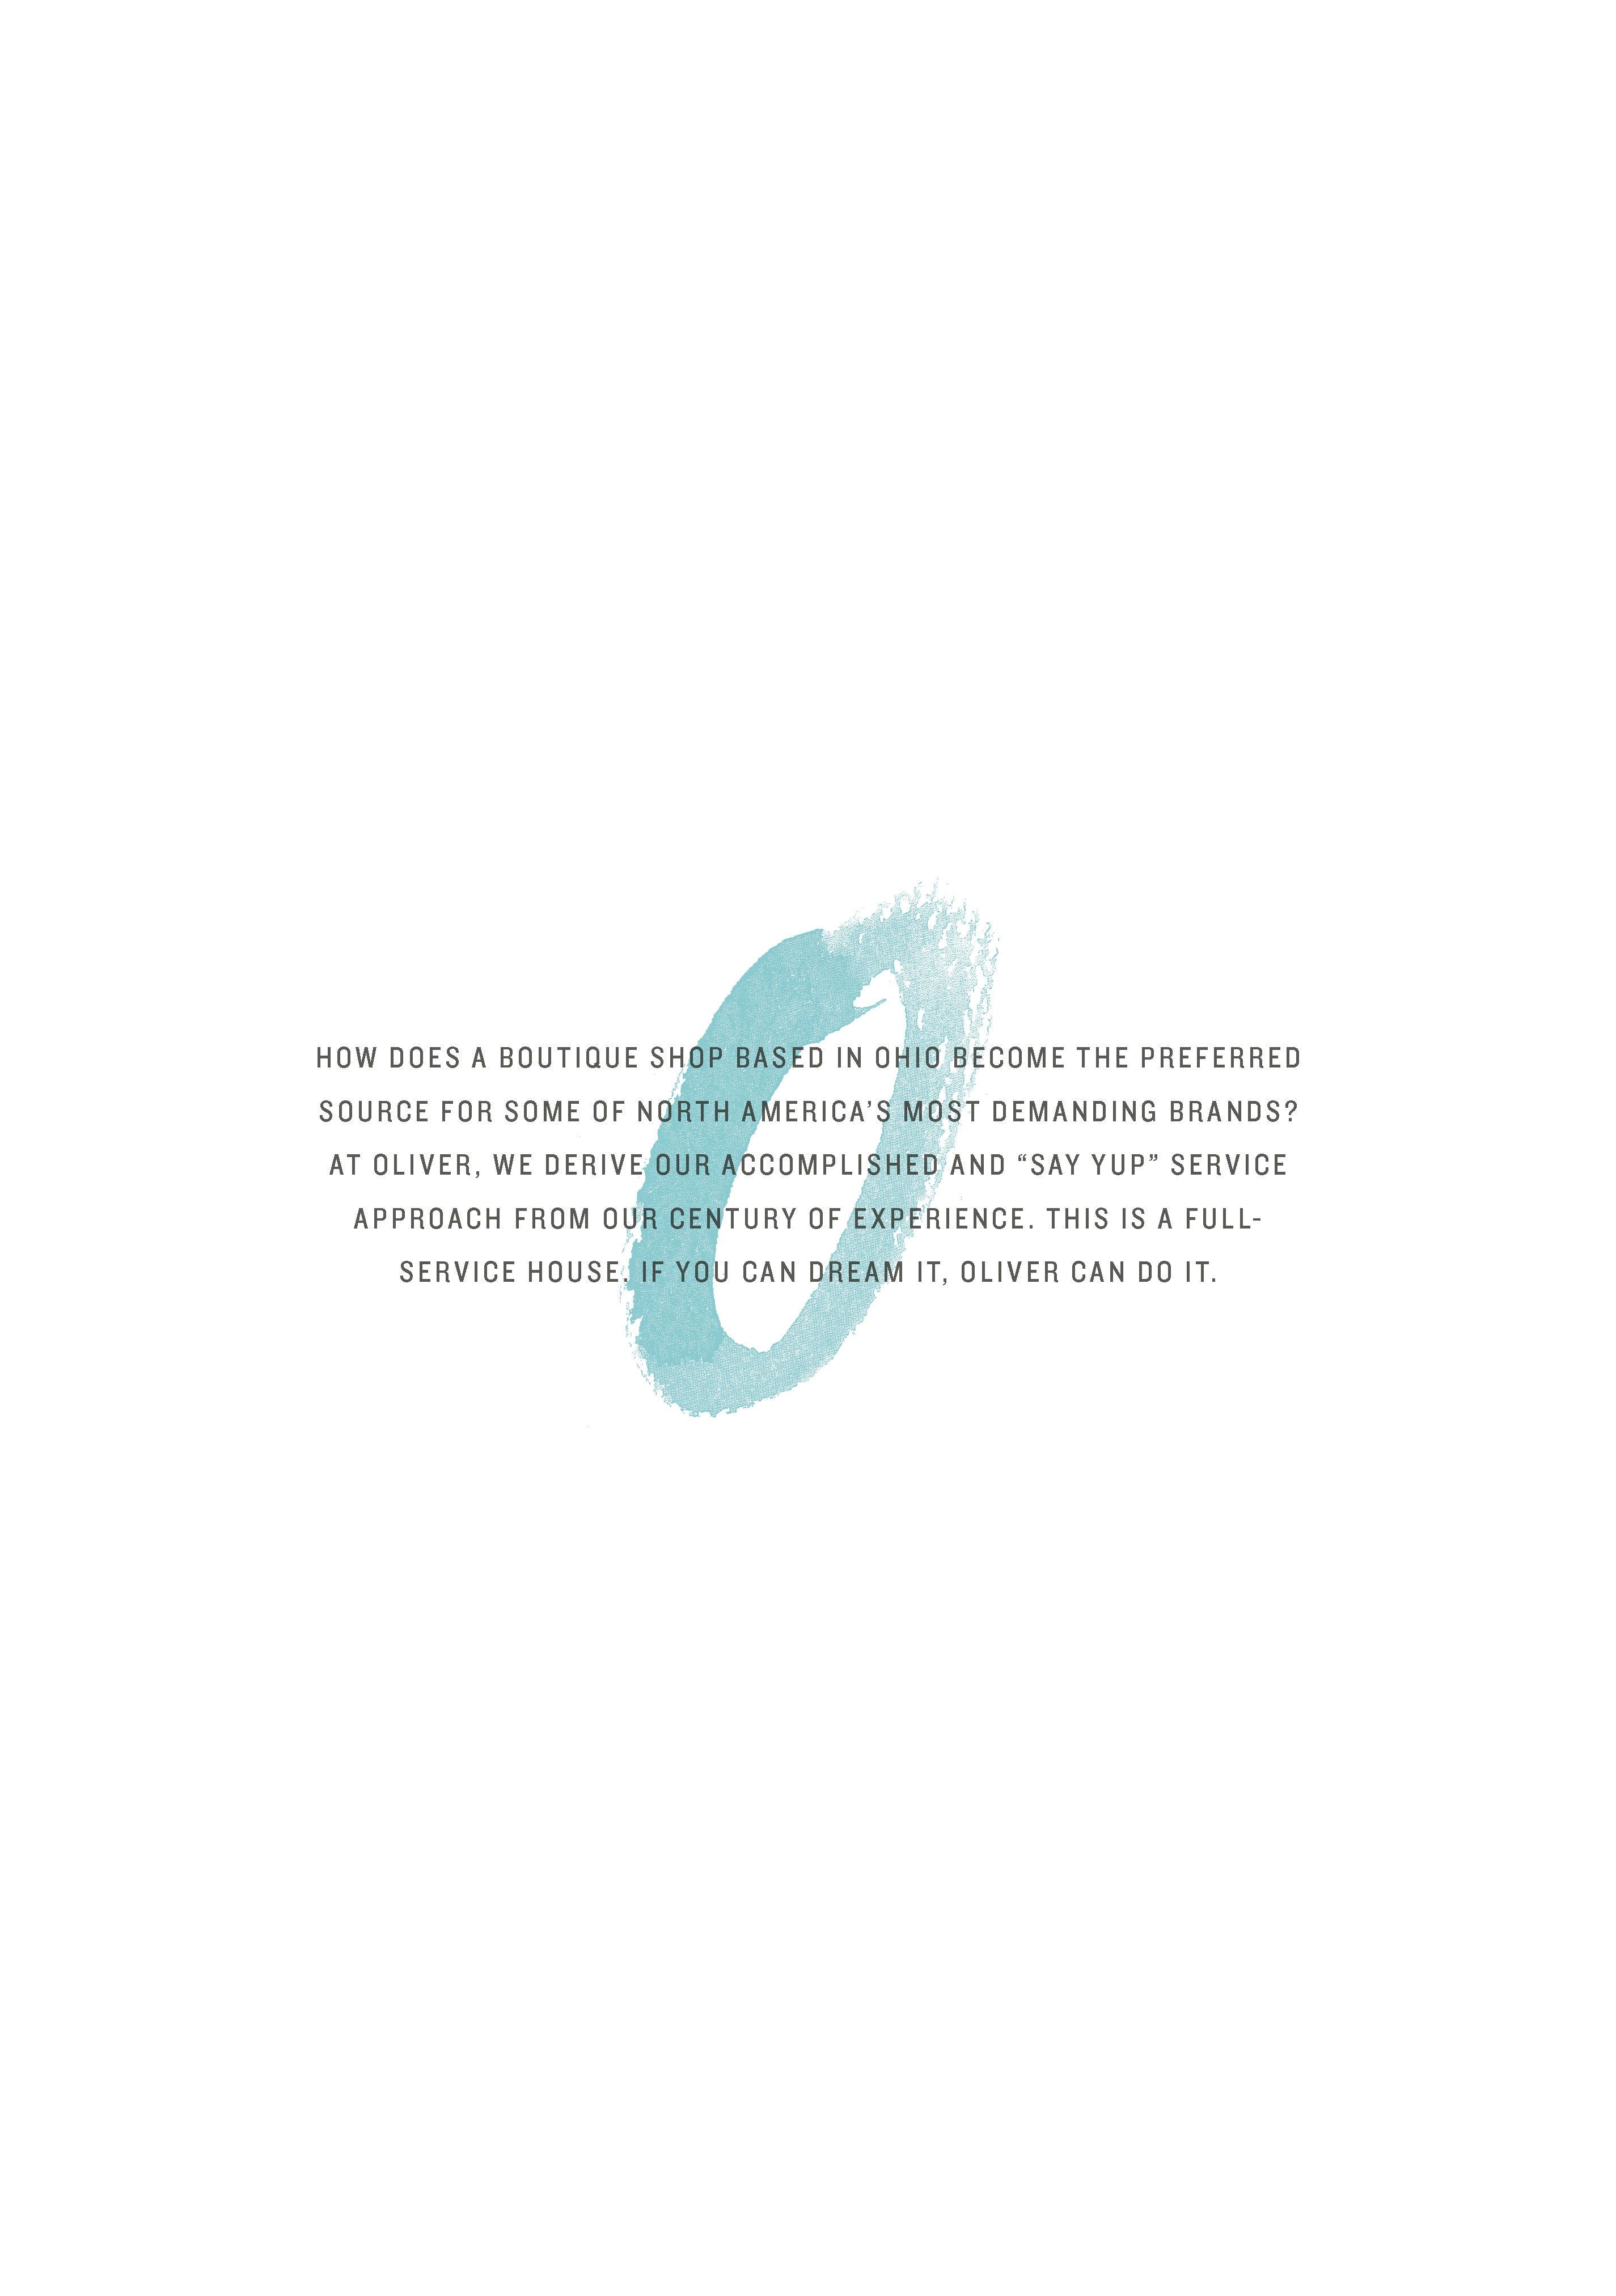 http://ppp17.oliverprinting.com/wp-content/uploads/Oliver-2017-Lookbook_Page_13.jpg